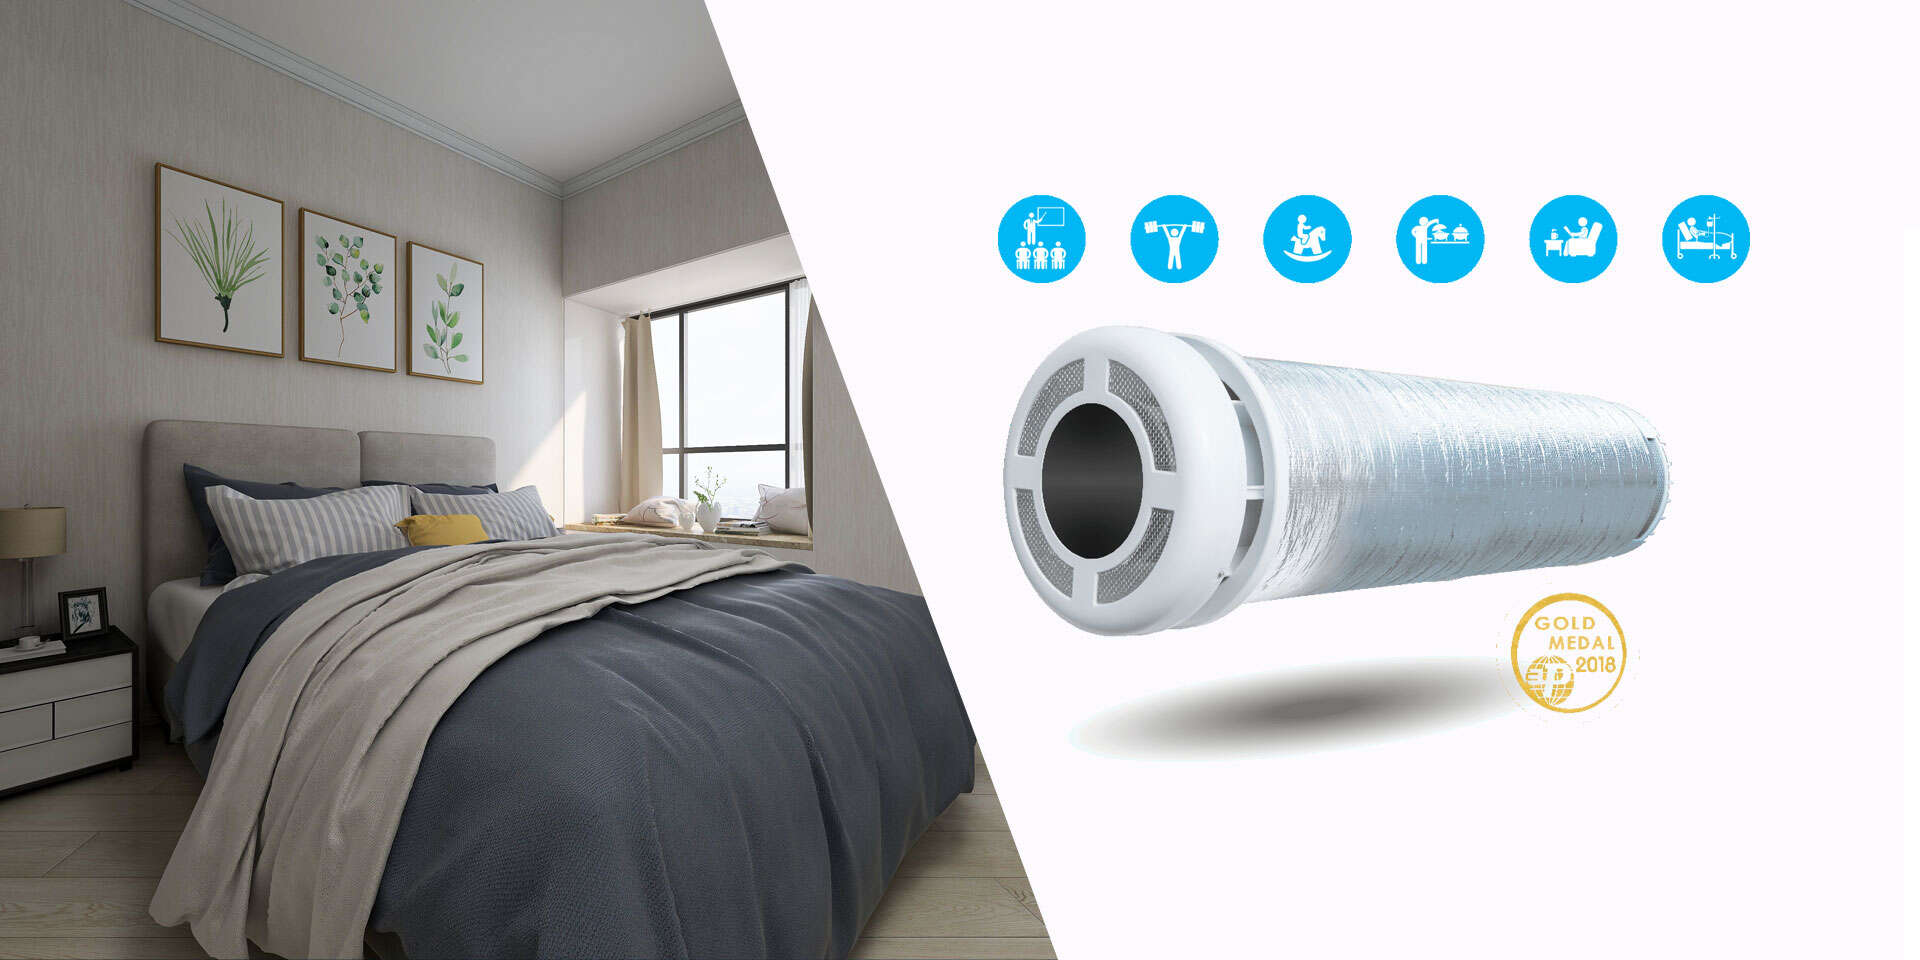 Komfortné a zdravé bývanie - rekuperačné jednotky PRANA pre regulované vetranie, zníženie vlhkosti a pre úsporu energií na vykurovanie